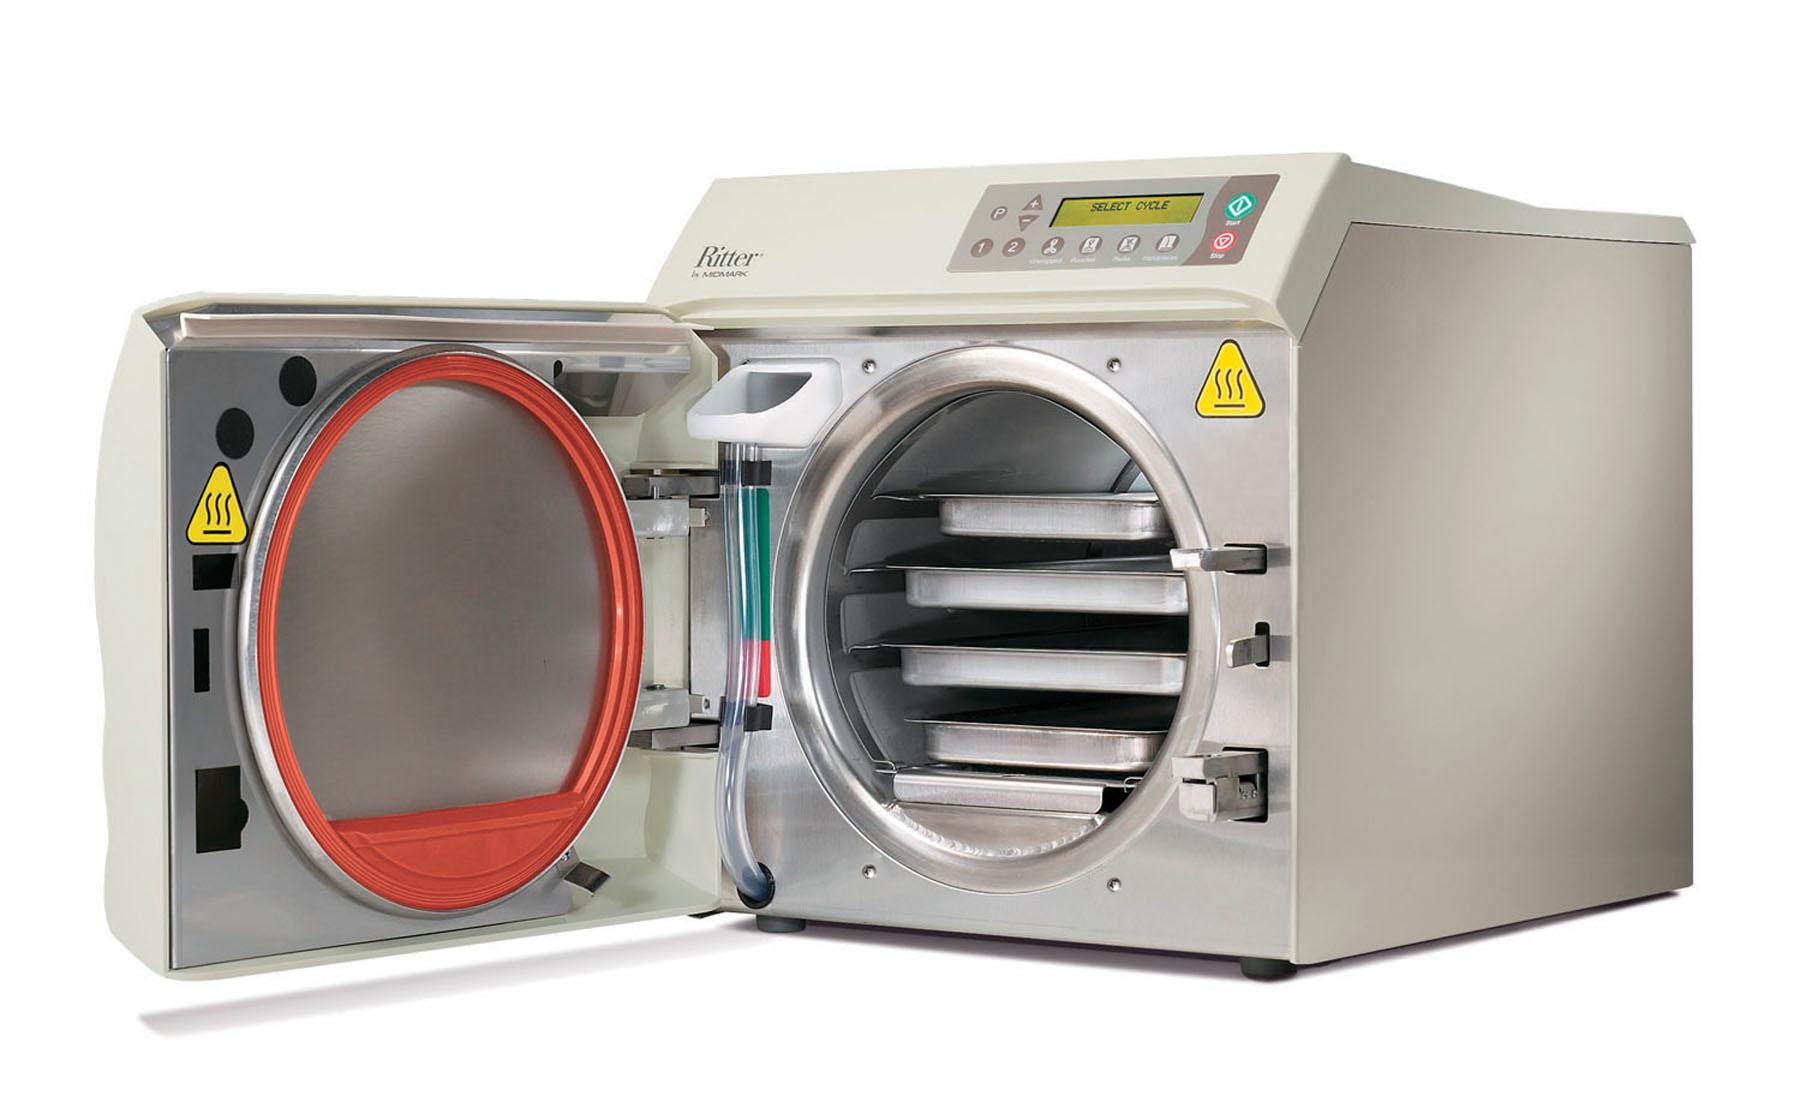 ritter m9 series autoclave sterilizer sale rh medicalresources com M11 Light Bulb Midmark Autoclave